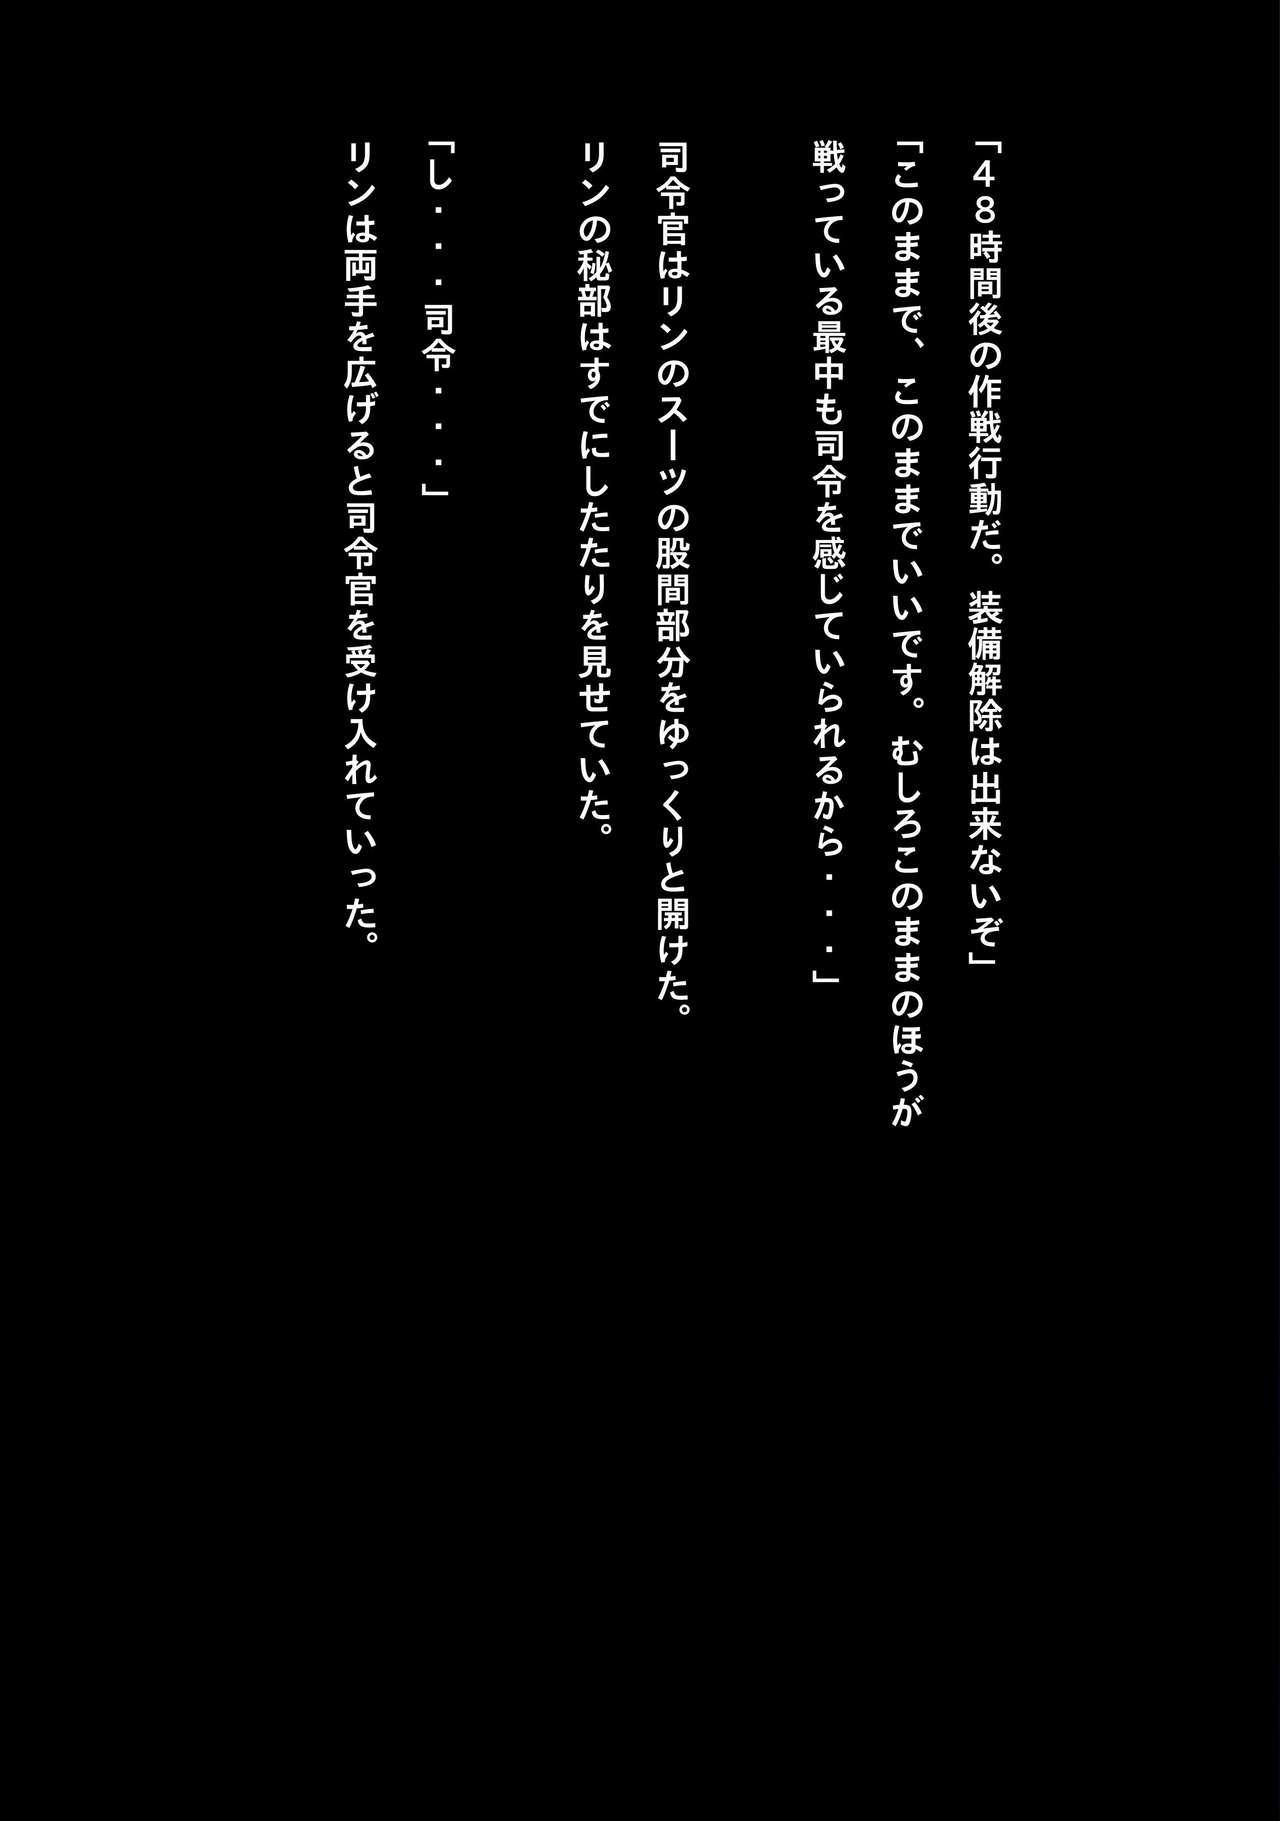 Idol Cyber Battle NEO GENERATOR episode 3 Seisan! Shi o kakugo shita shunkan 54